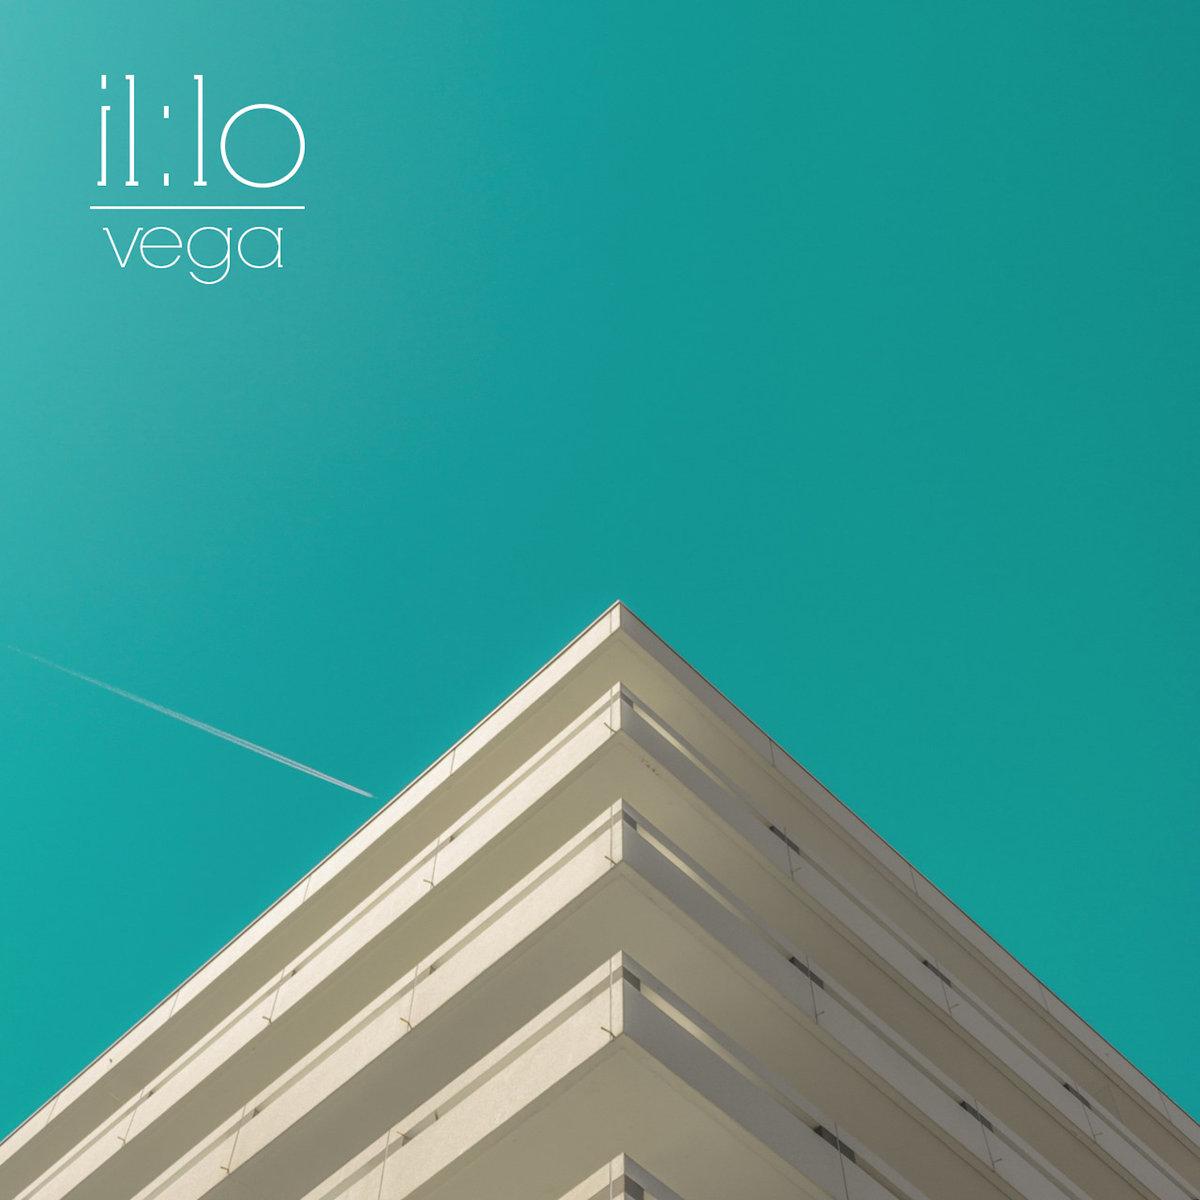 IL-LO